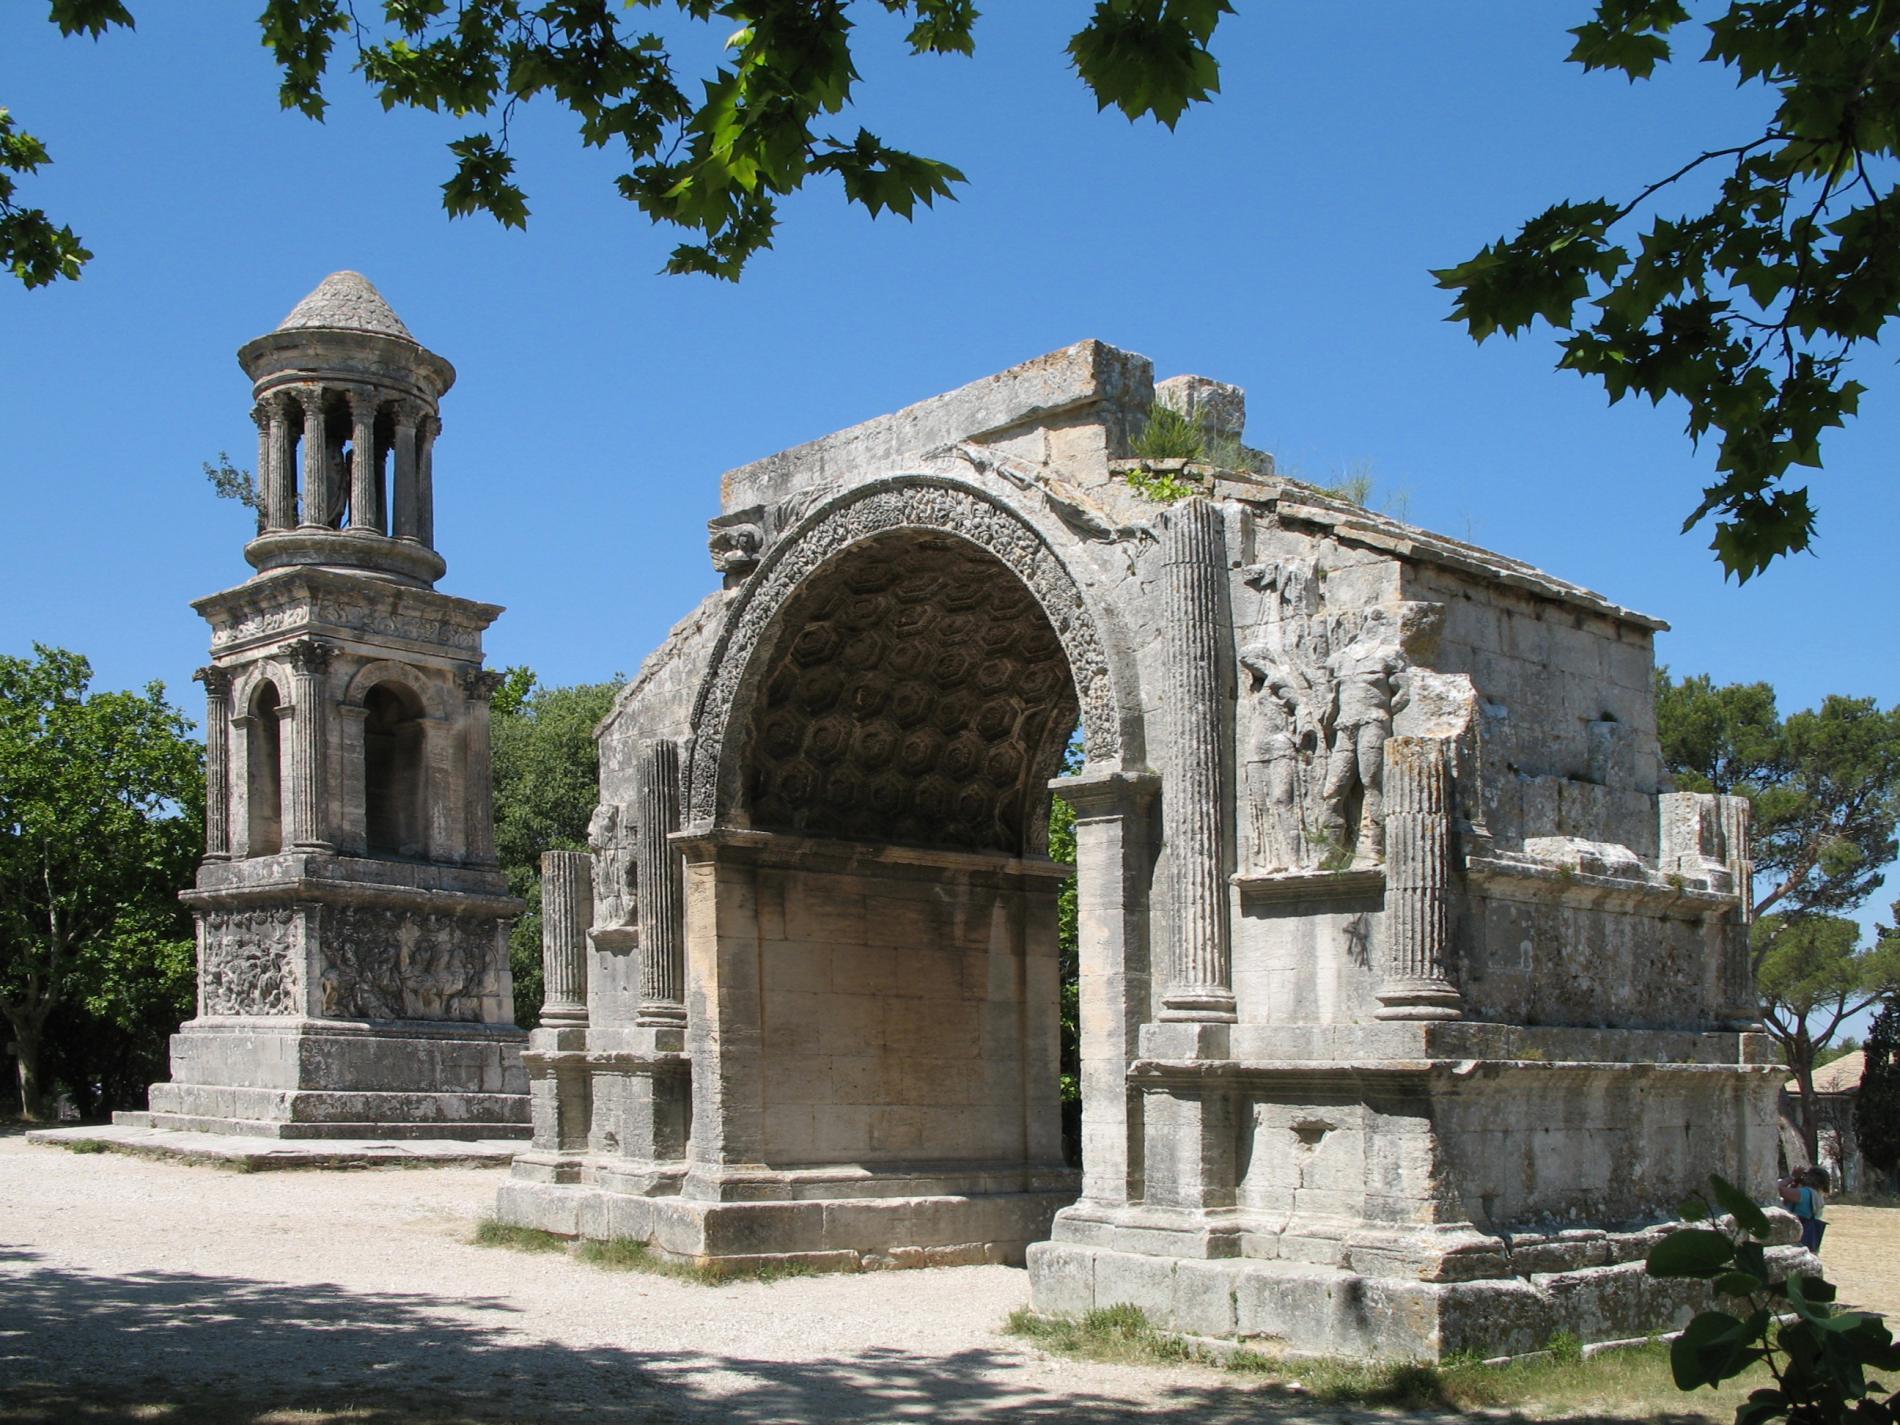 Les antiques à Saint Rémy de Provence